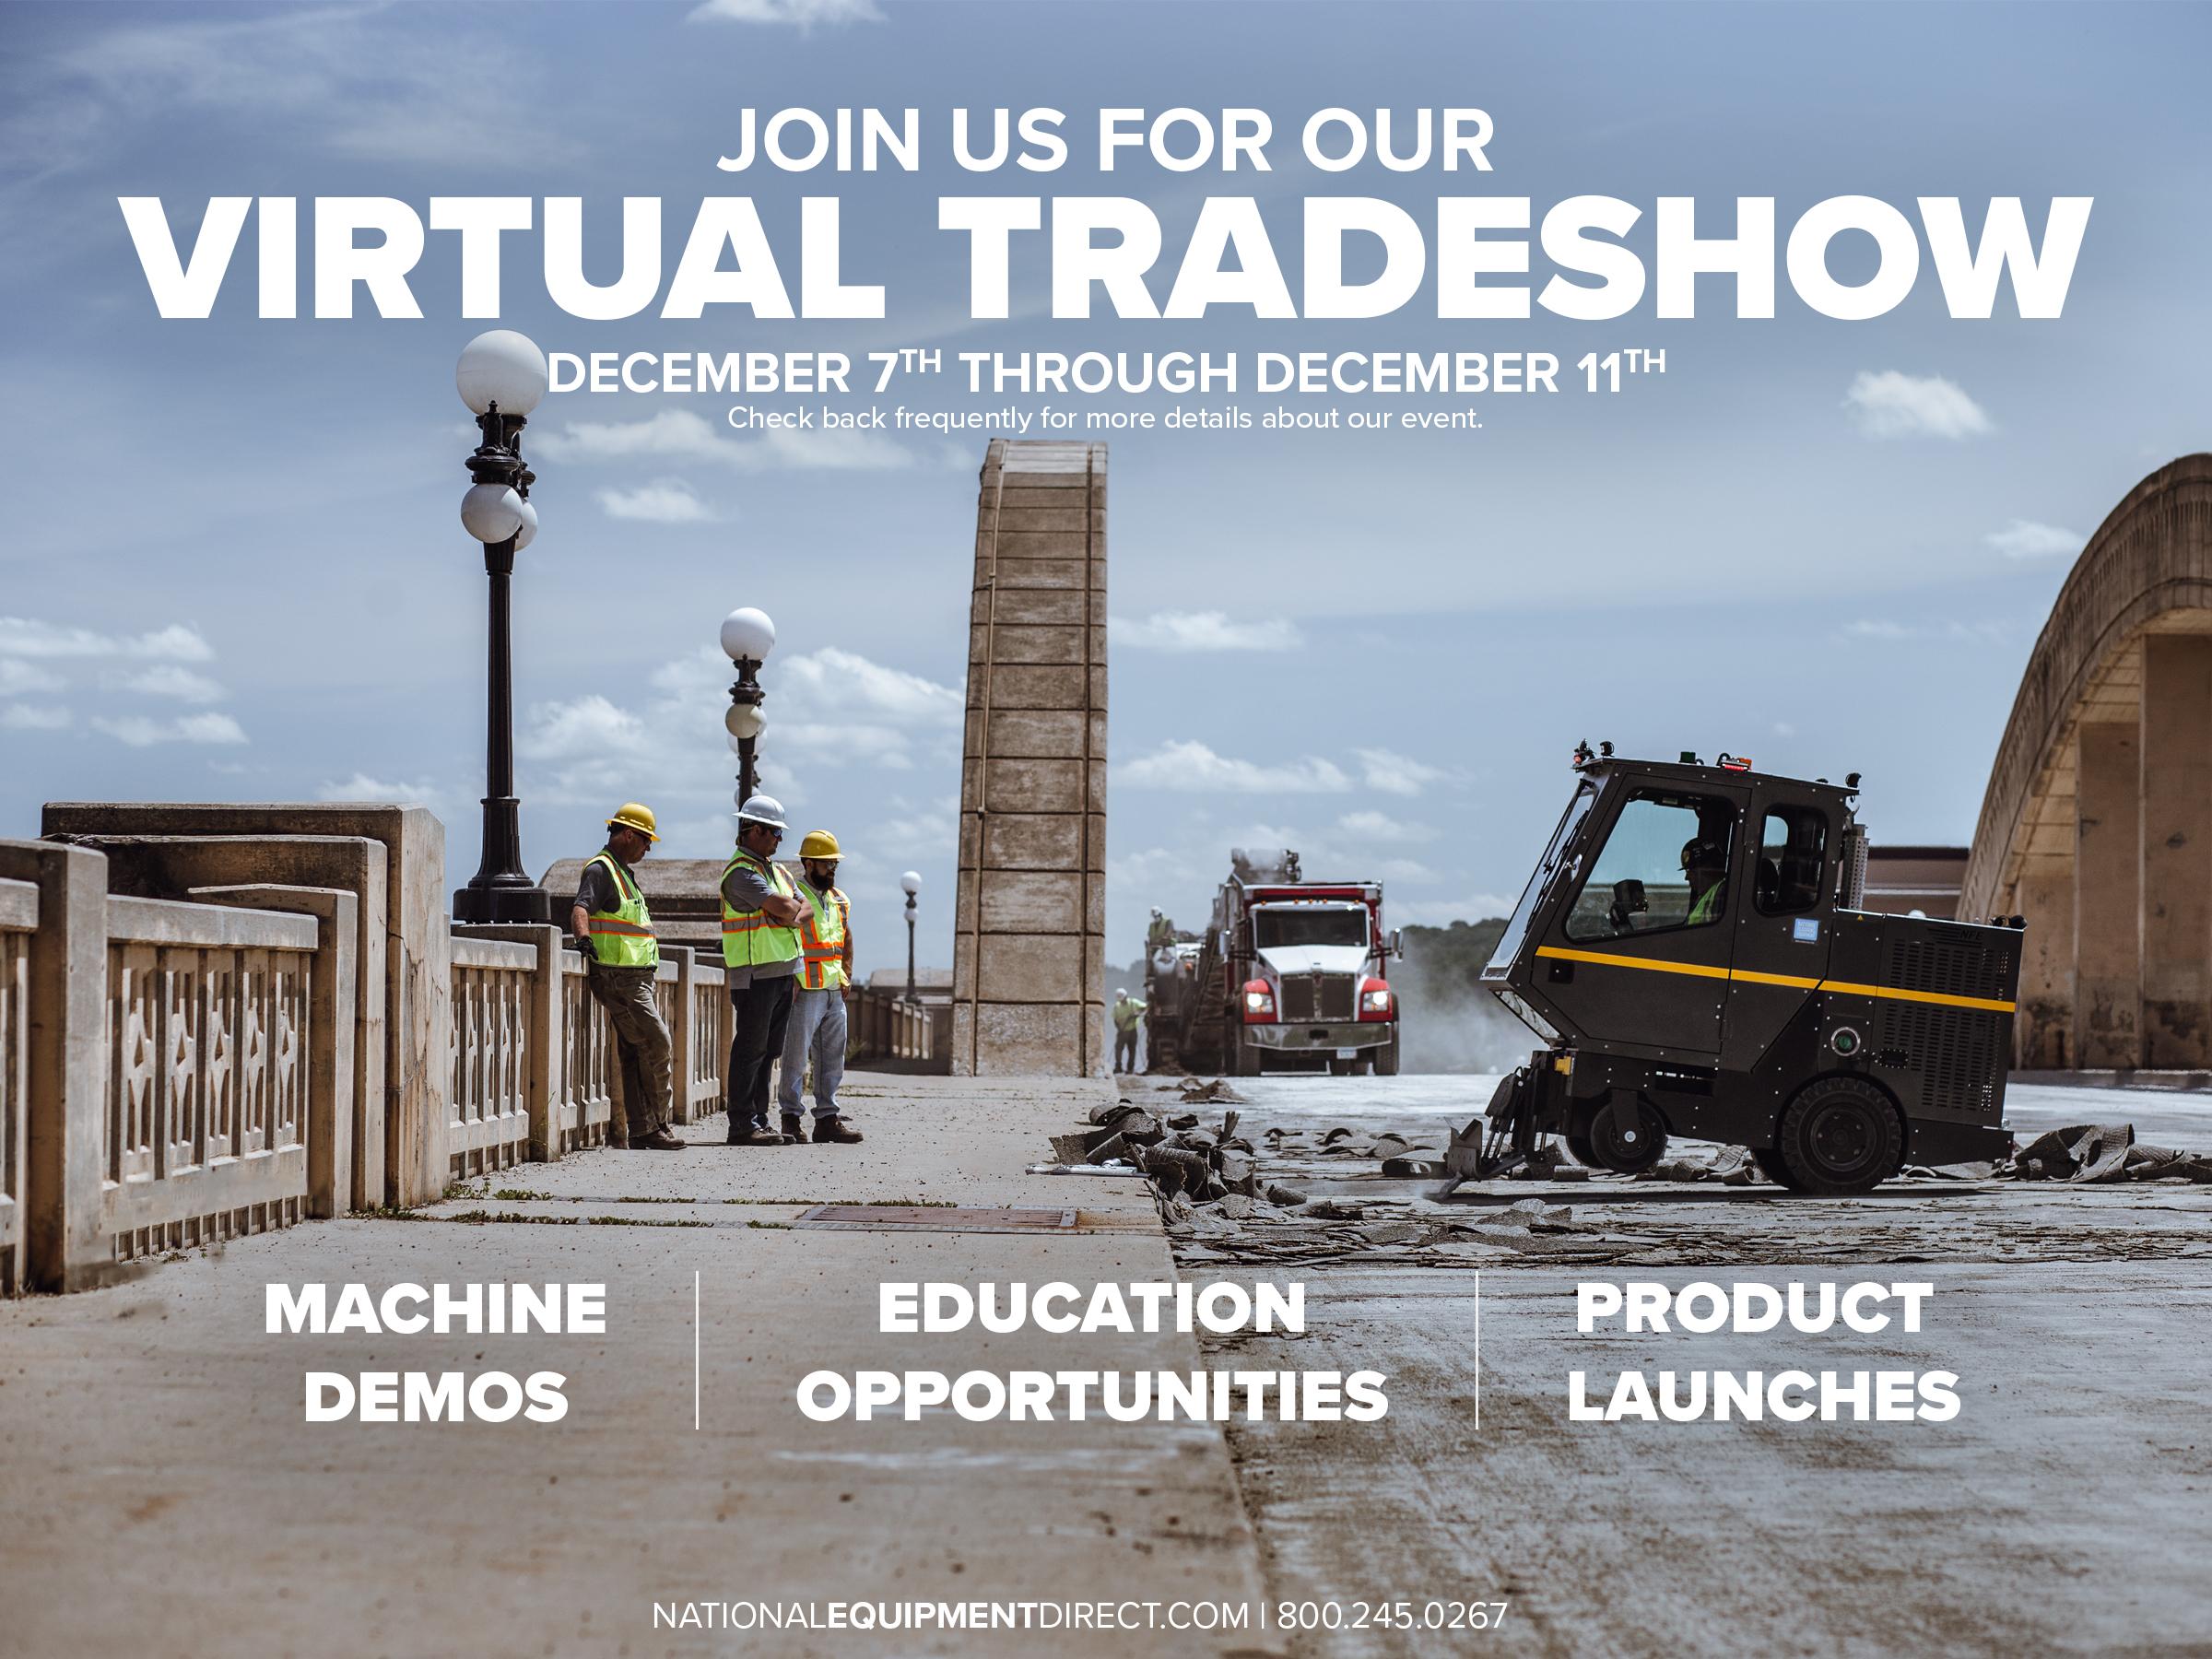 virtual-tradeshow.jpg